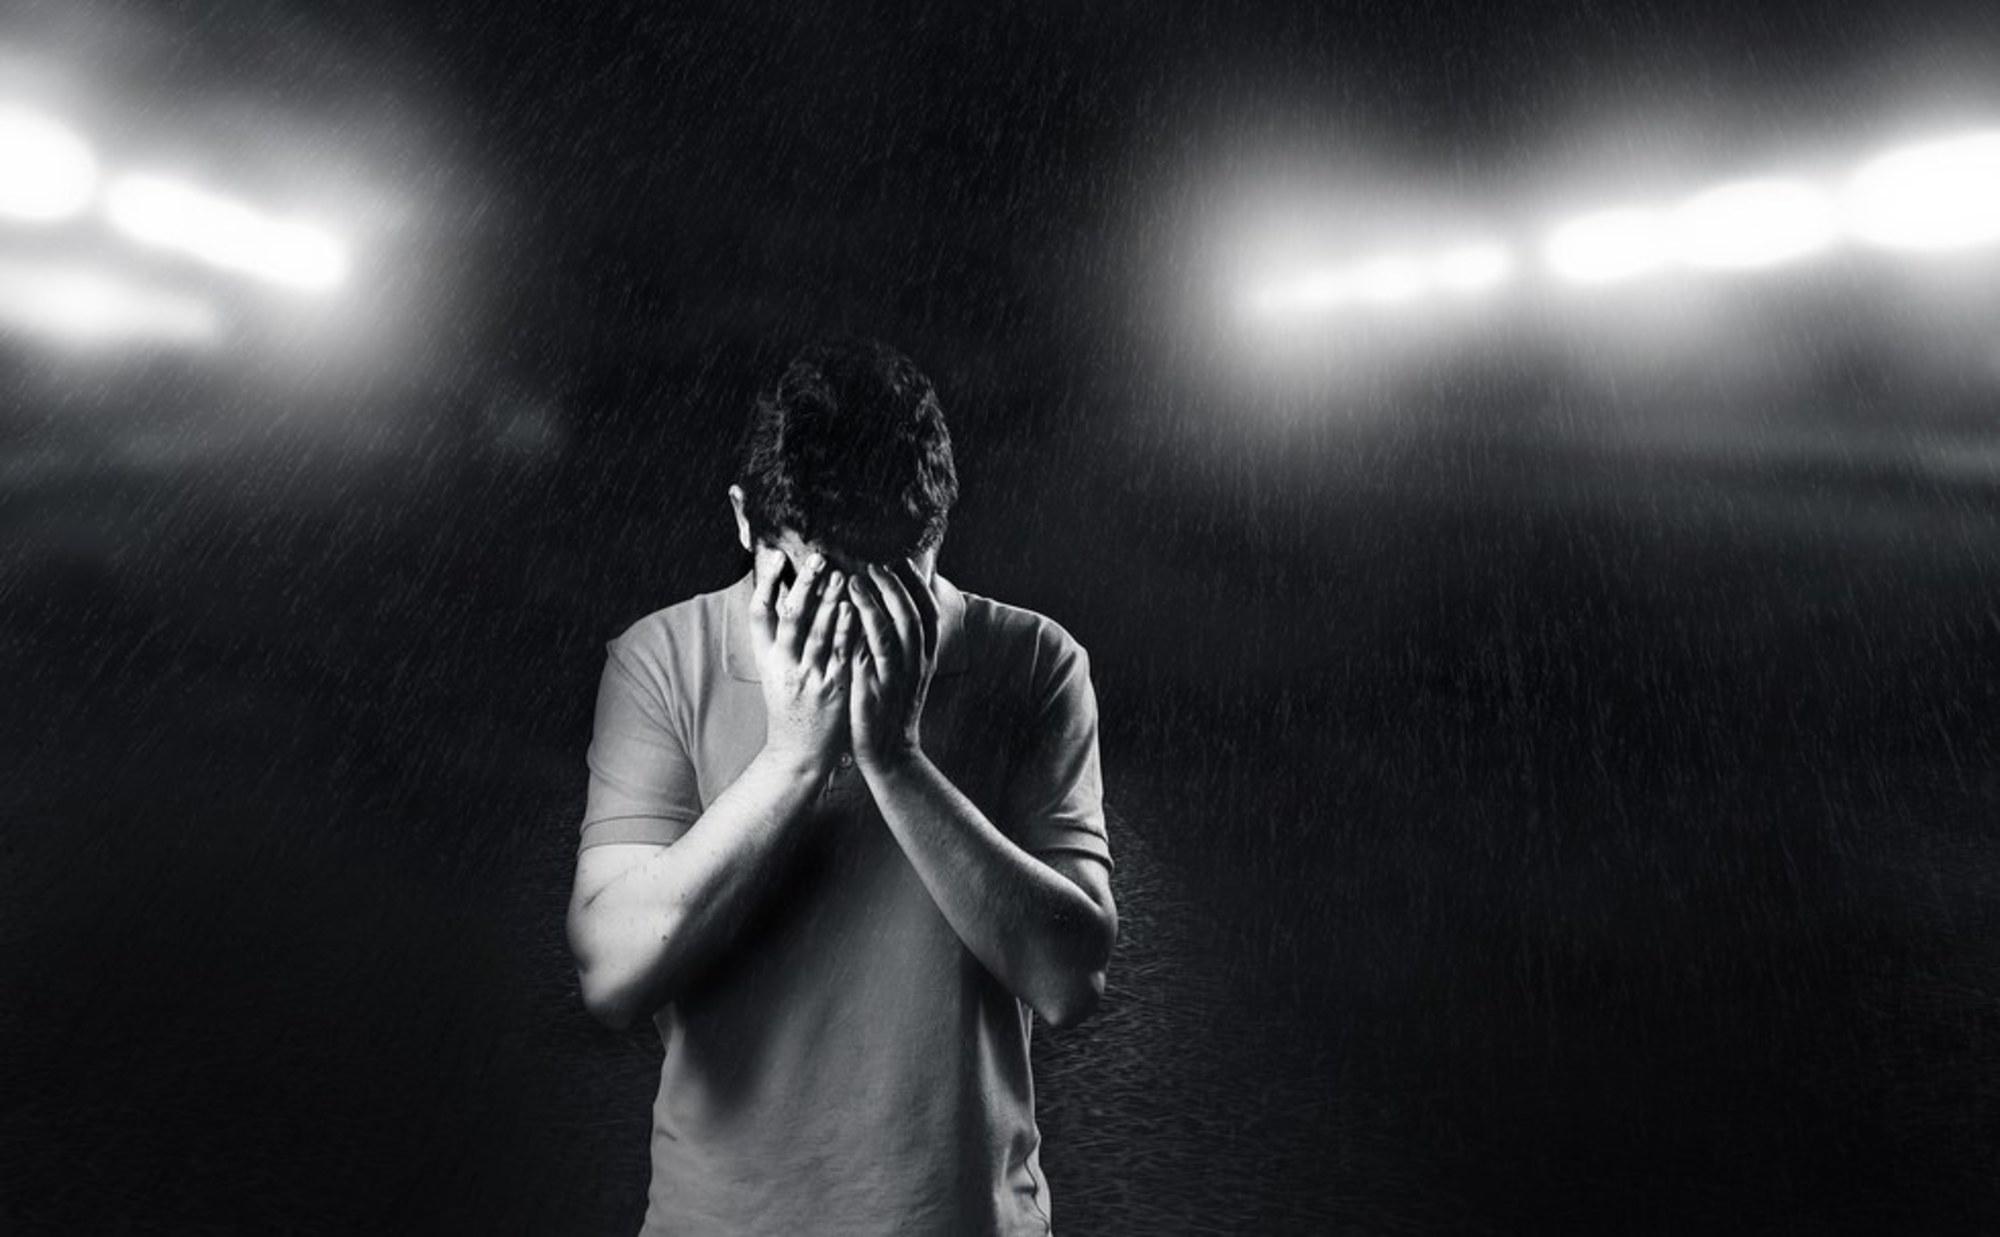 اما واقعاً چه راهکاری برای رهایی از افسردگی وجود دارد؟